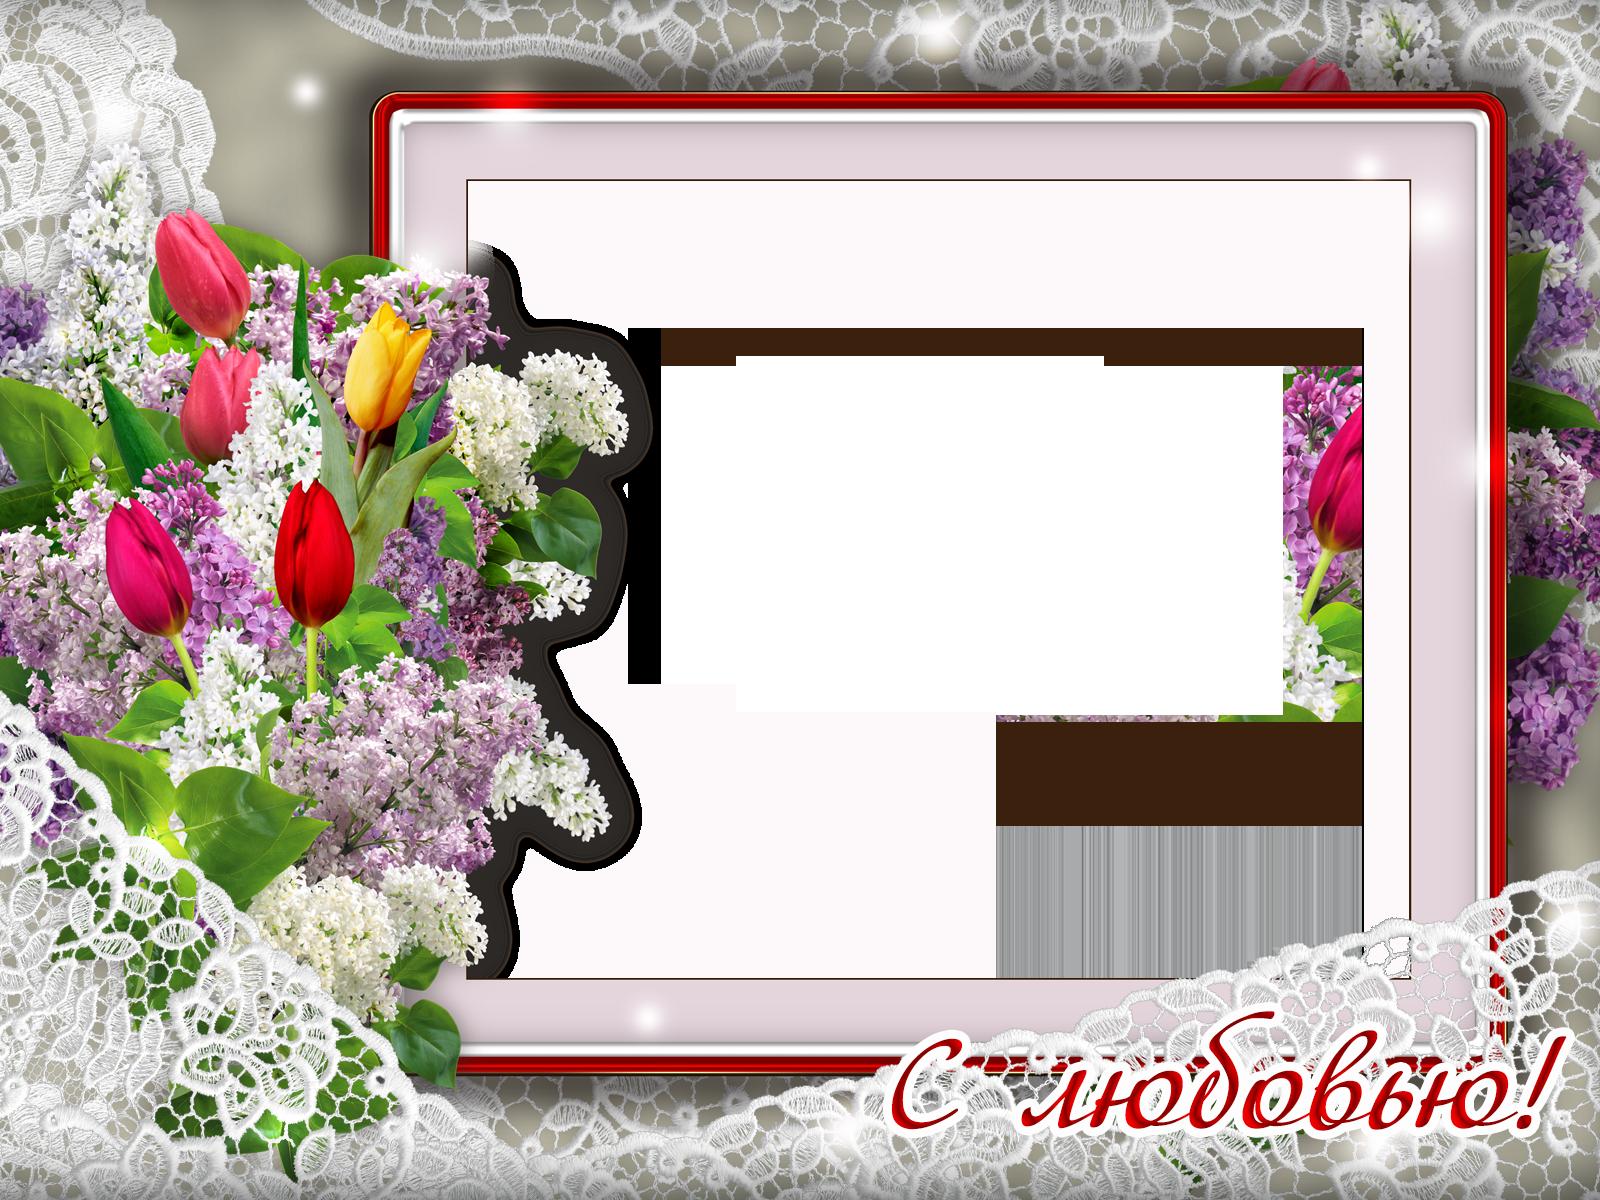 отличие садовой, вставить фото в рамку с тюльпанами прославлюся вознесу славою